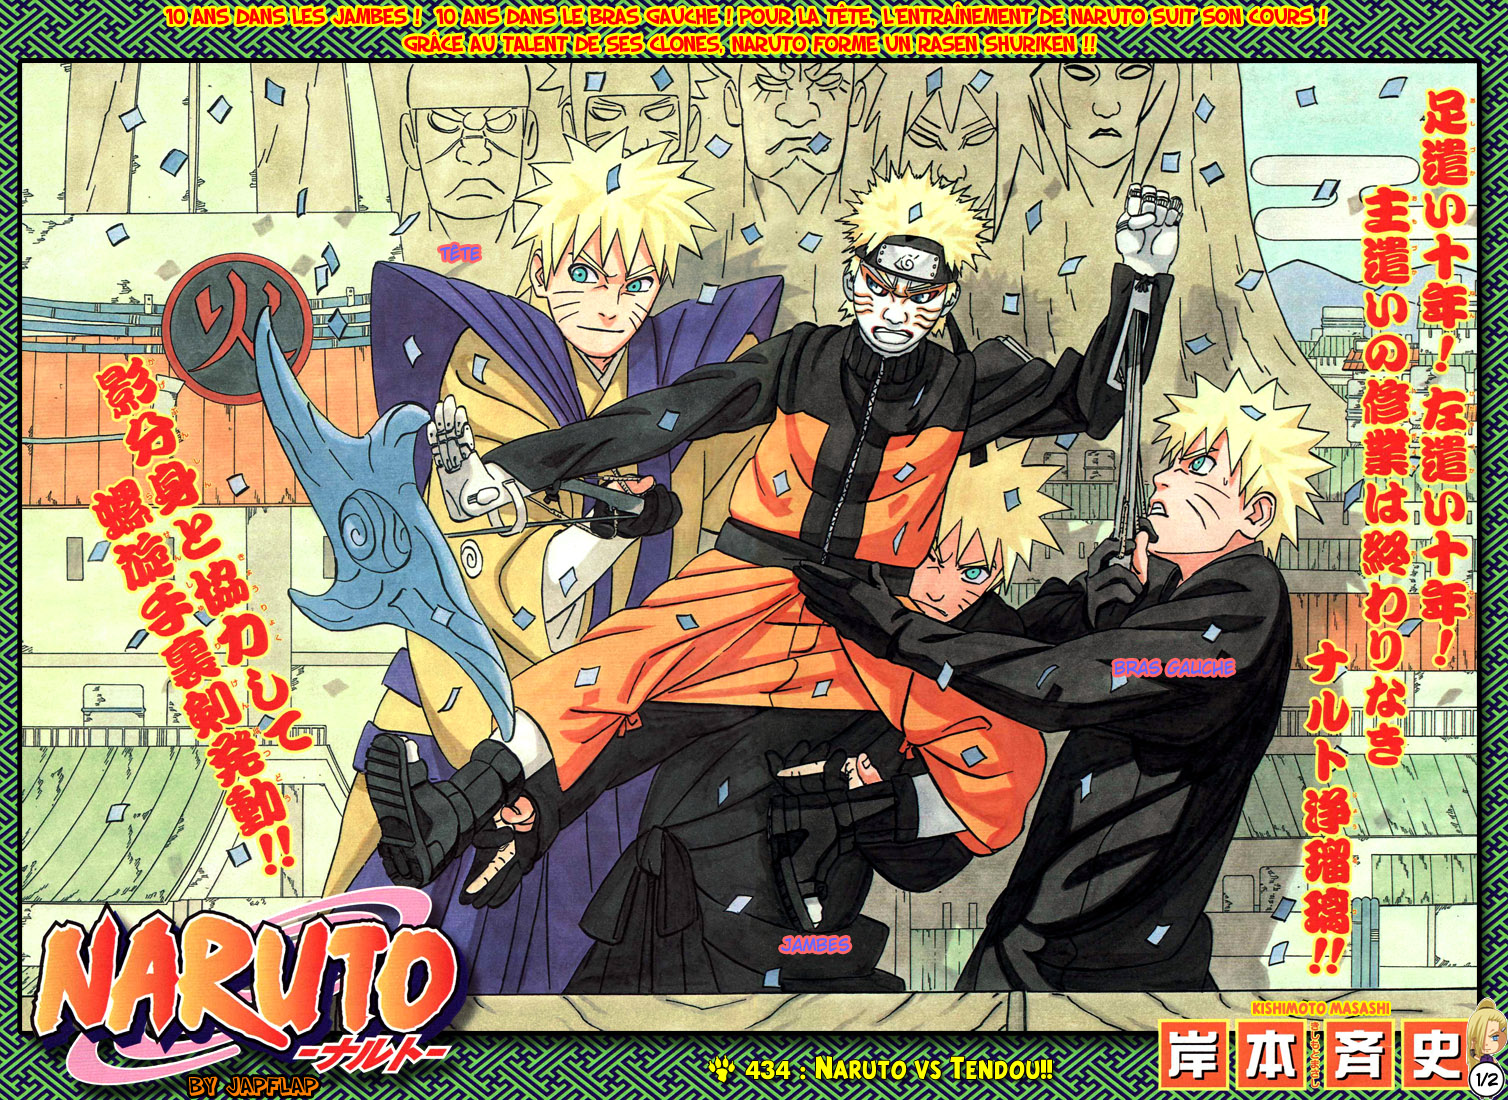 Naruto chapitre 434 - Page 1